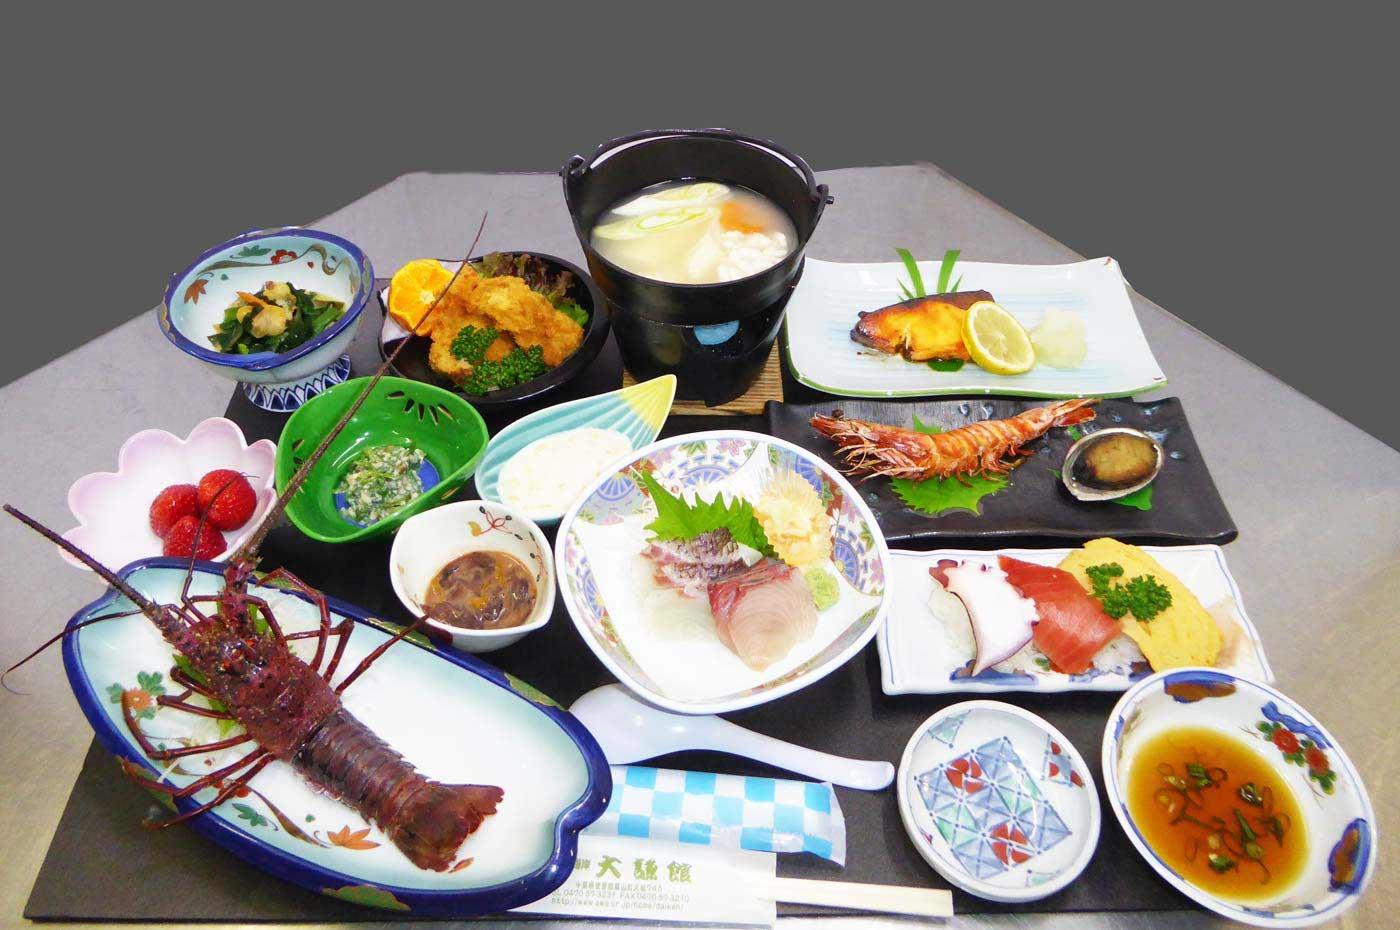 大謙館の料理の画像